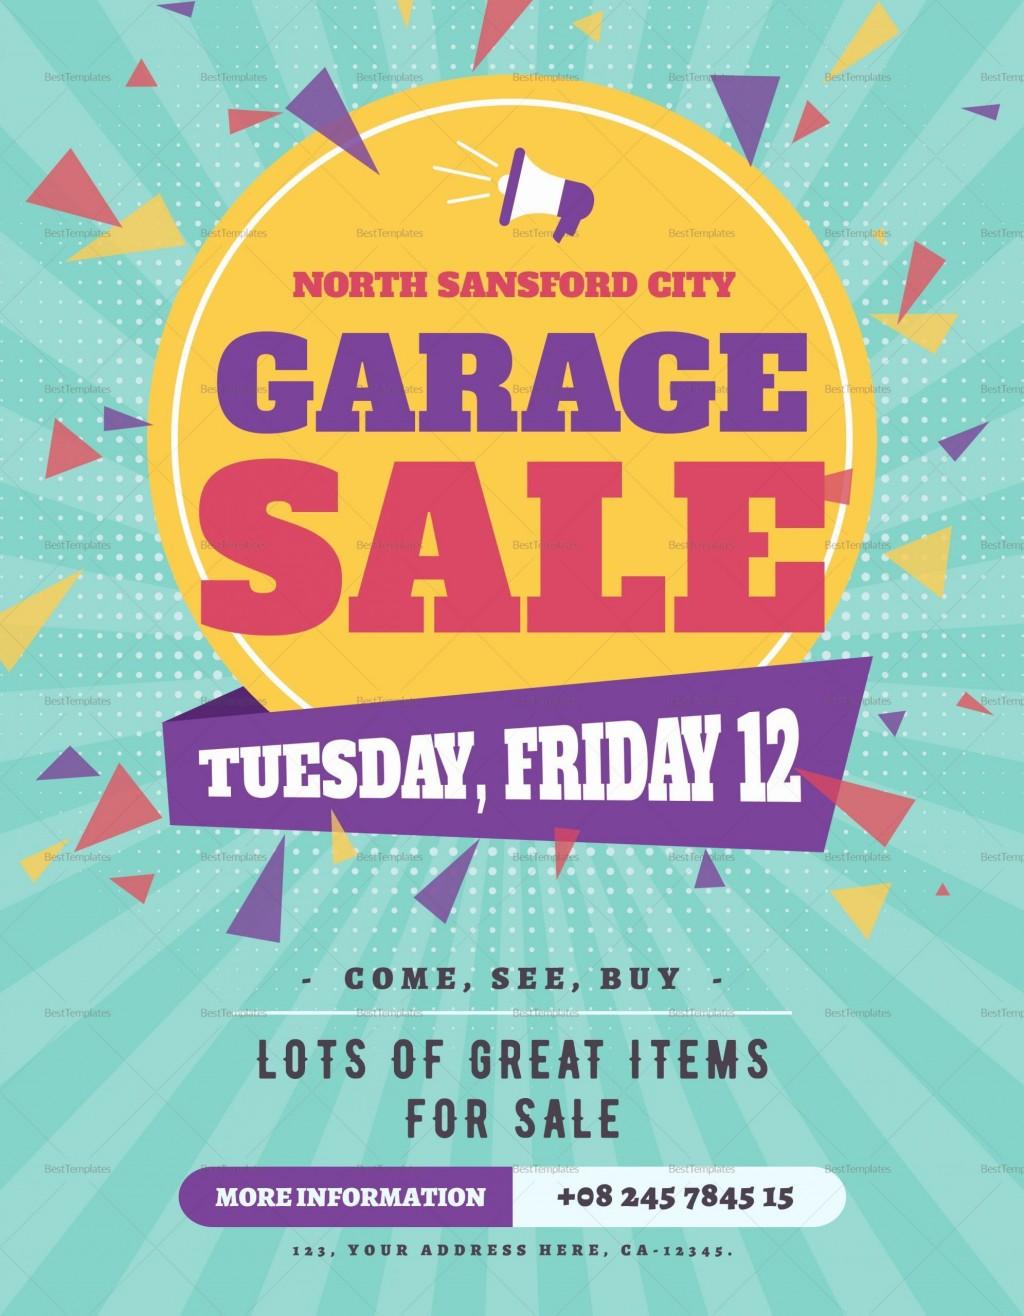 008 Incredible Garage Sale Flyer Template Free Example  Community Neighborhood YardLarge